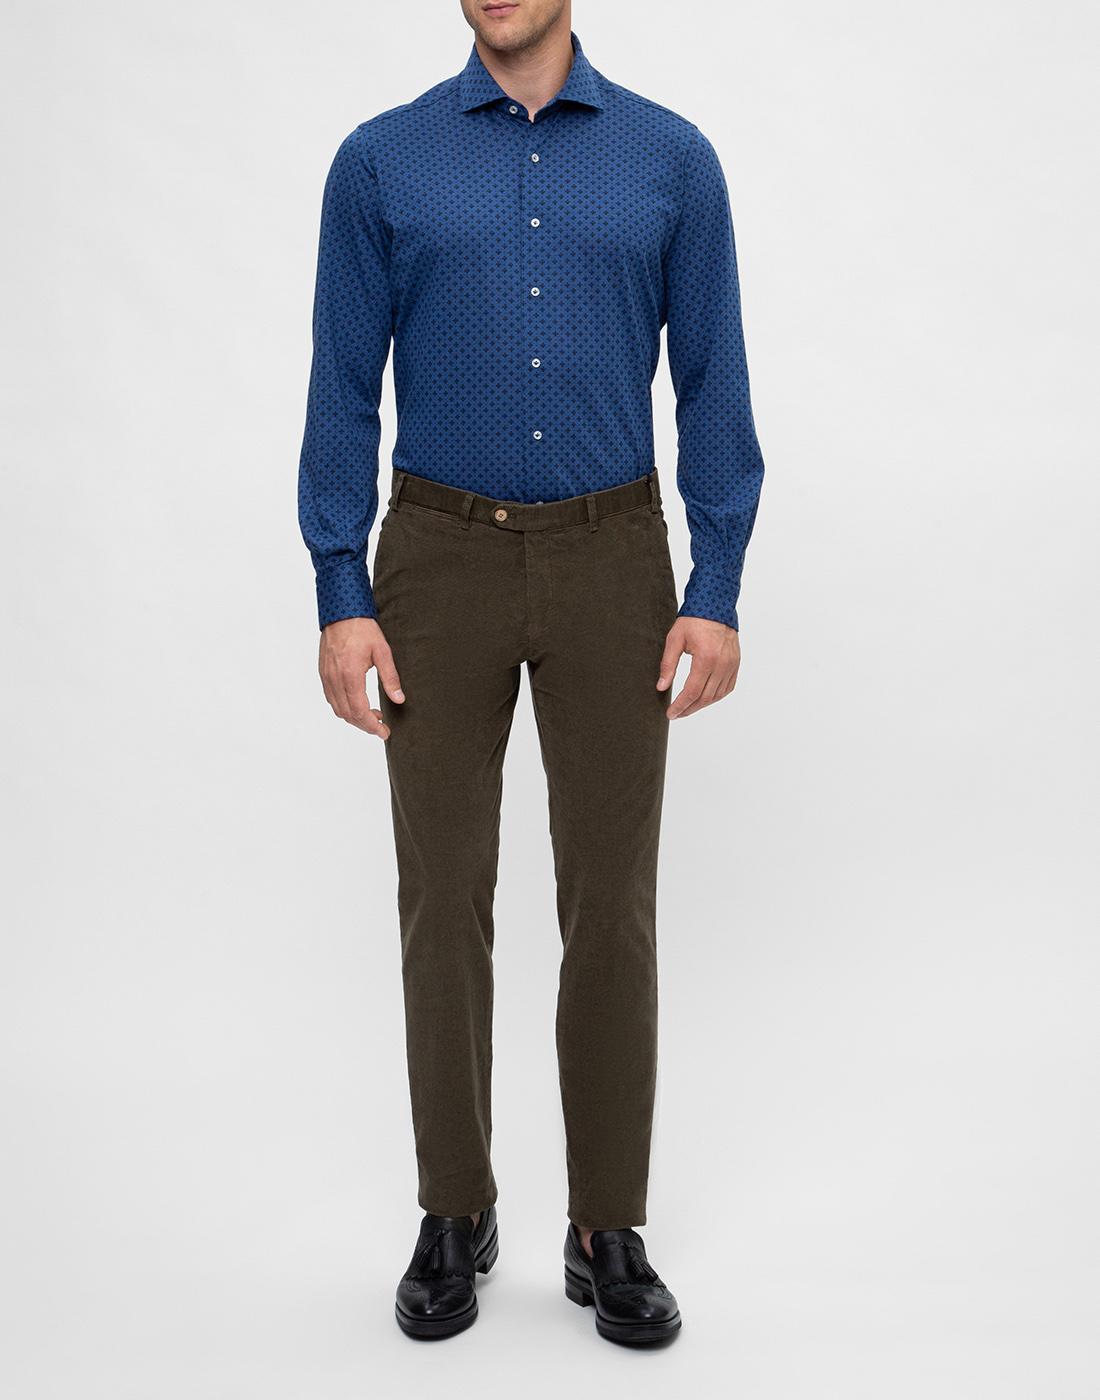 Мужская синяя рубашка с принтом Orian S02JS63 22-5